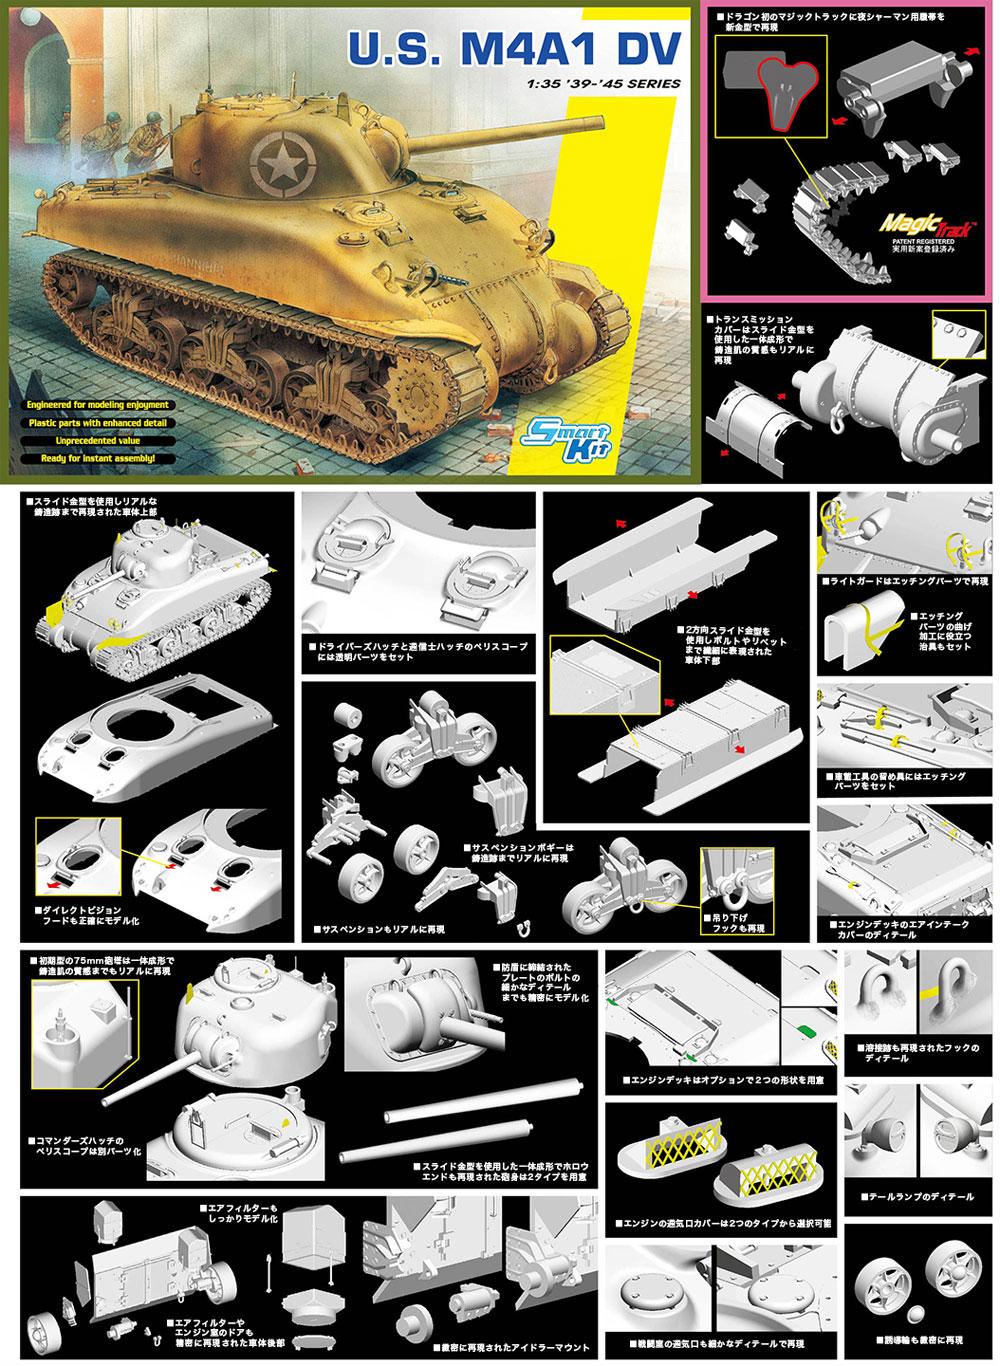 アメリカ M4A1 シャーマン DV (直視バイザー型) w/マジックトラックプラモデル(ドラゴン1/35 '39-'45 SeriesNo.6618)商品画像_2